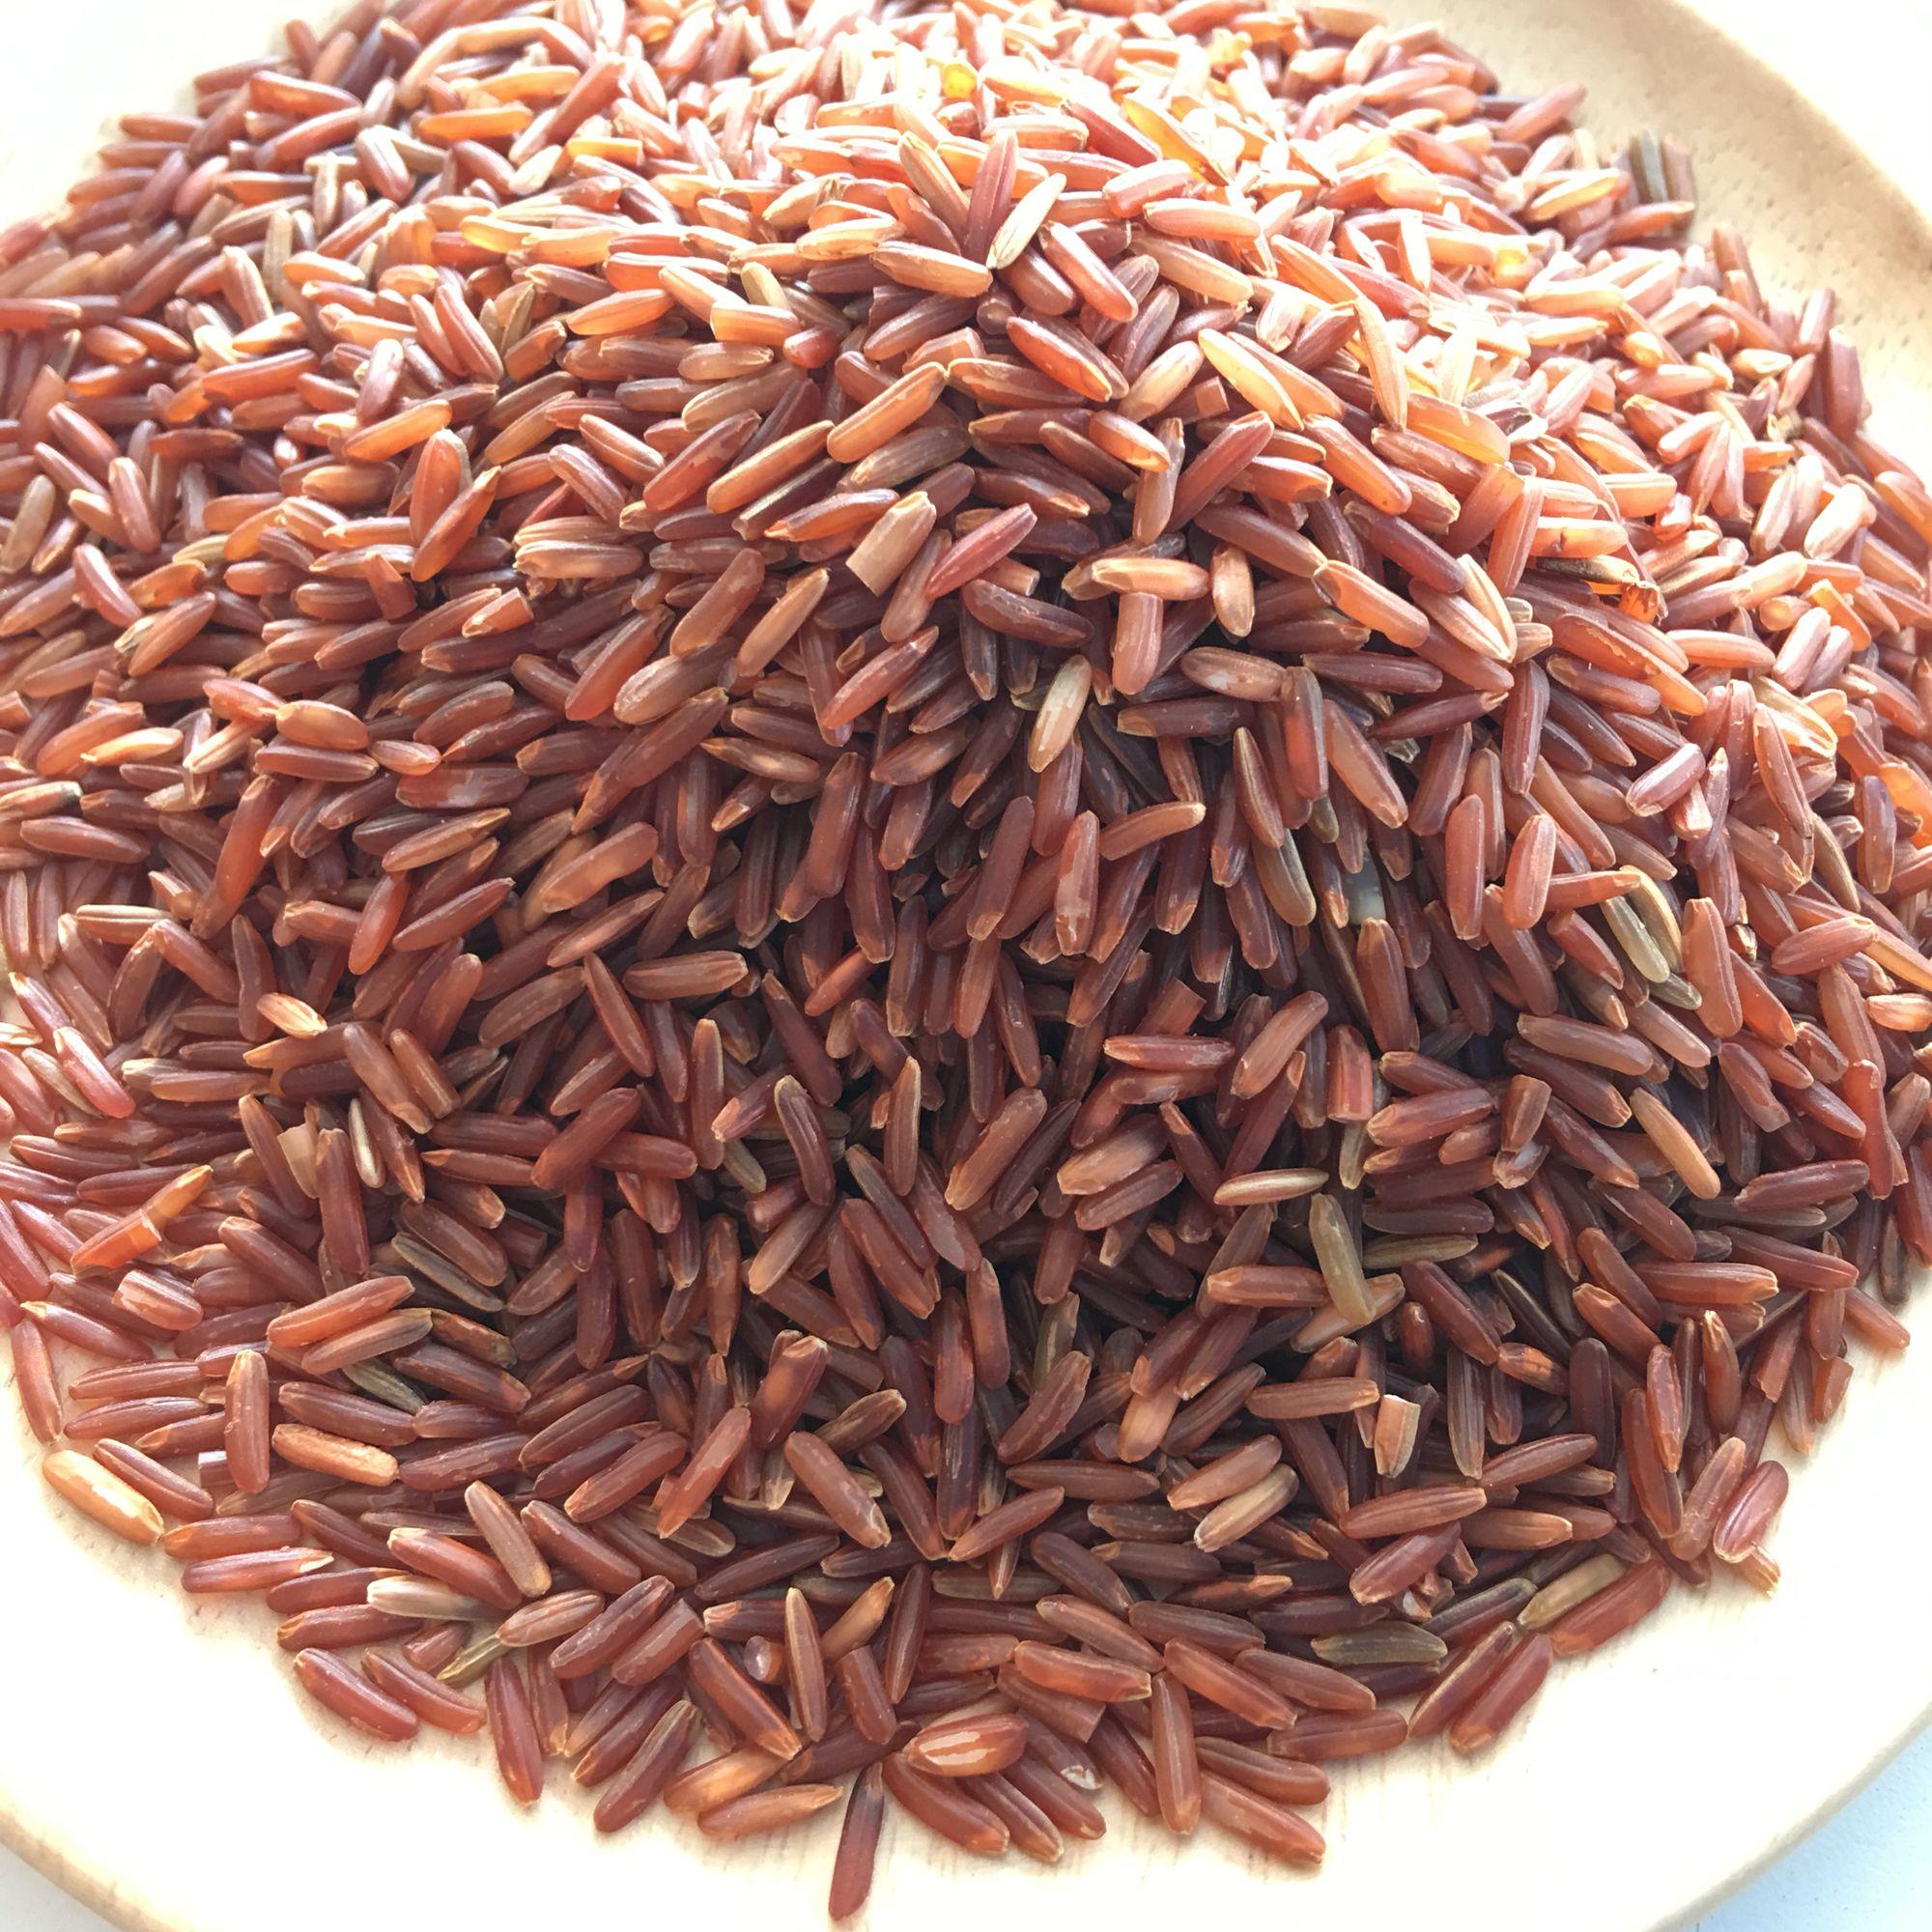 Red Brown Jasmine Rice ข าวหอมมะล แดง ราคาส ง 063 964 4249 ข าว